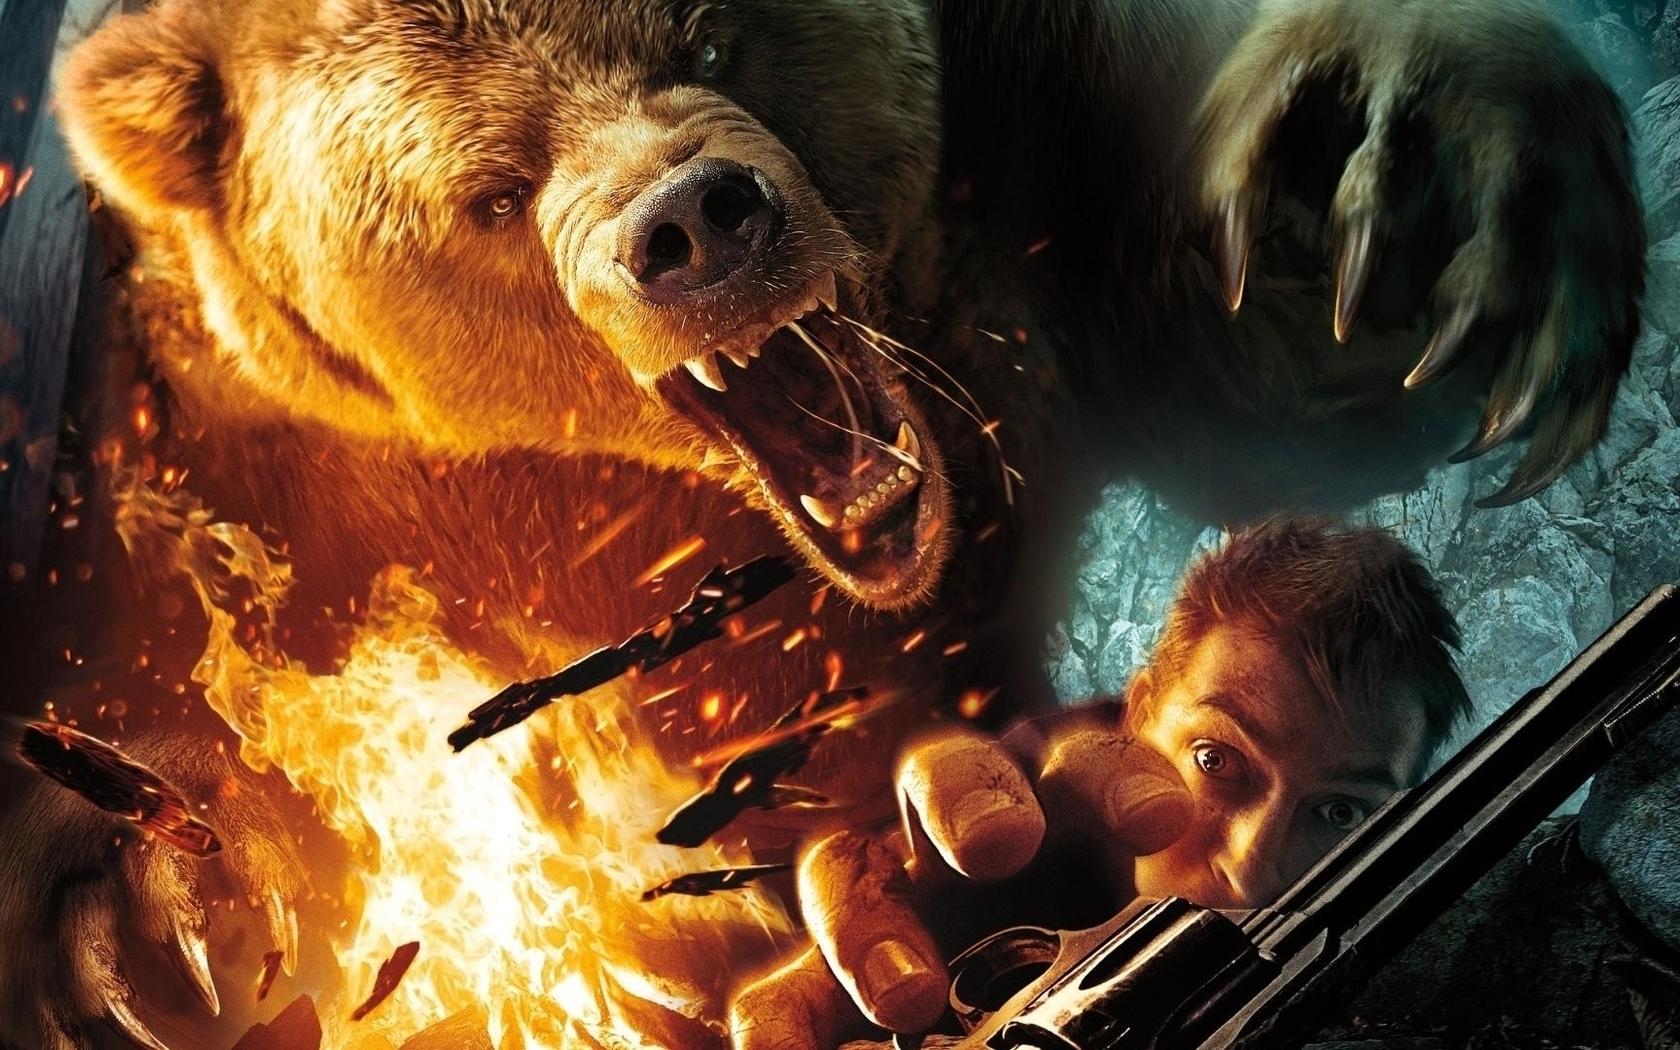 картинки медведя с пушкой какой-то